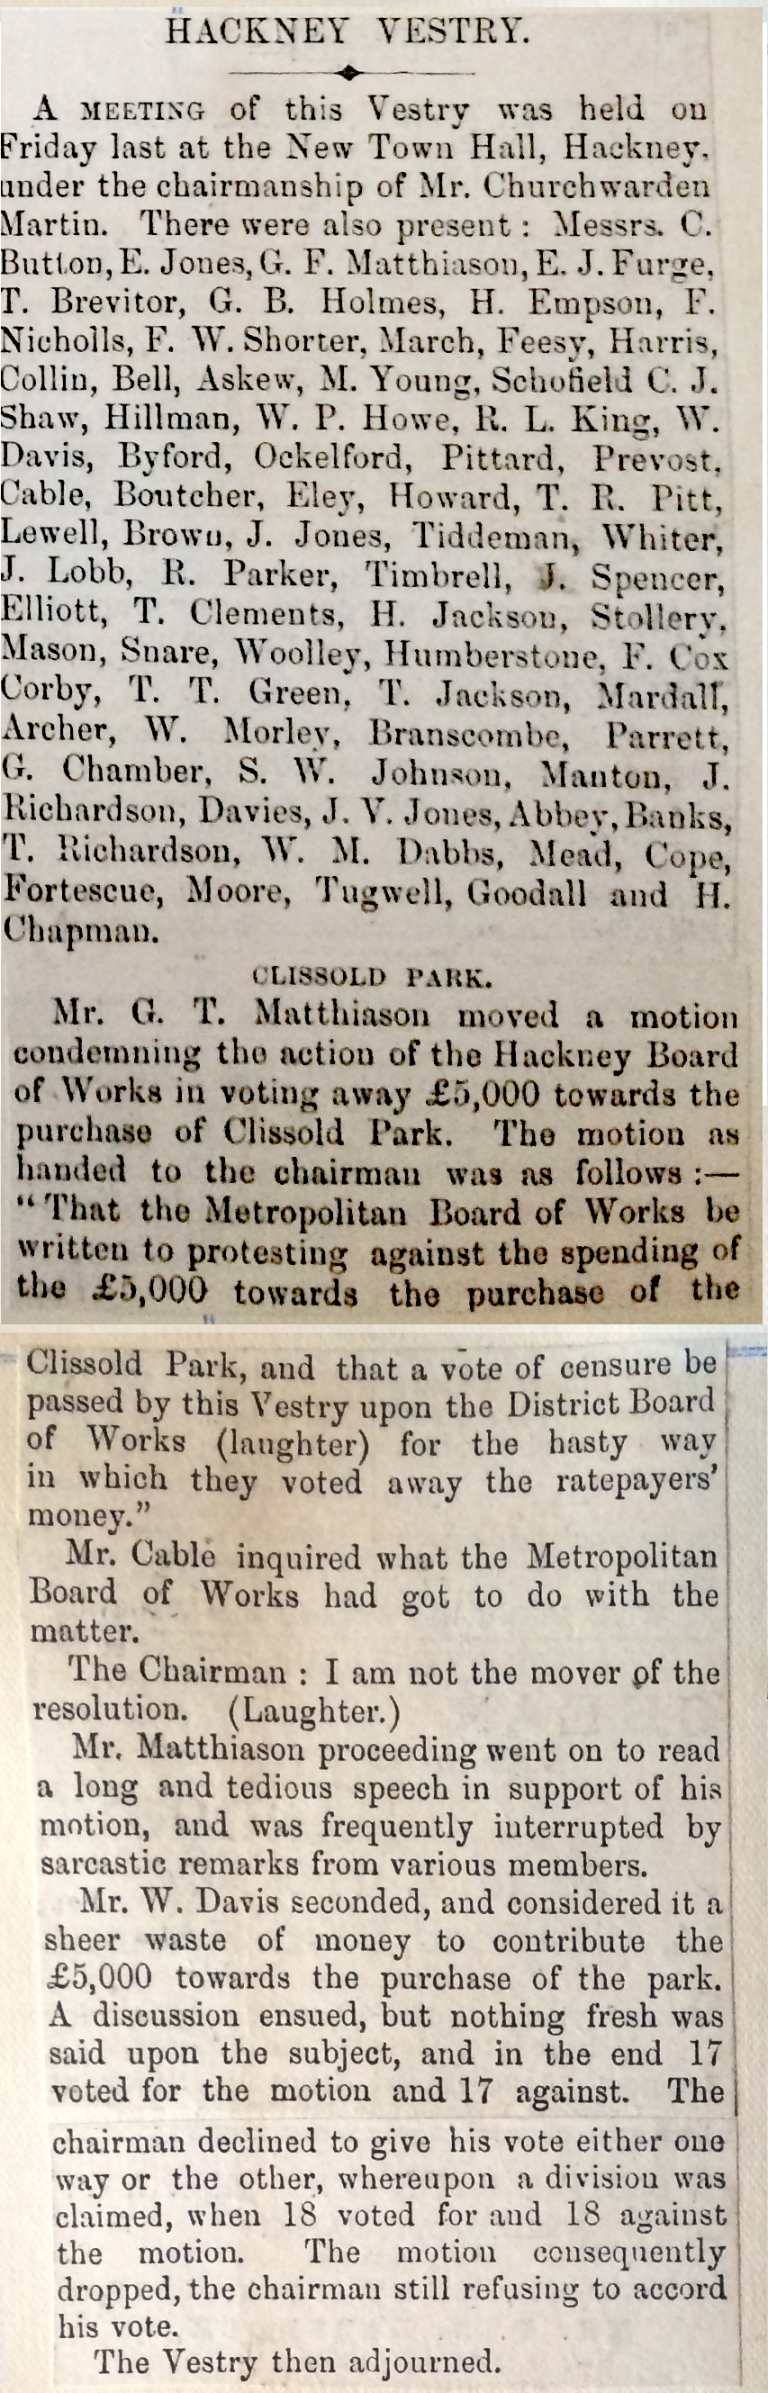 07_1888 NEWS CLIPPING Hackney Vestry[CHECKED] 2.JPG